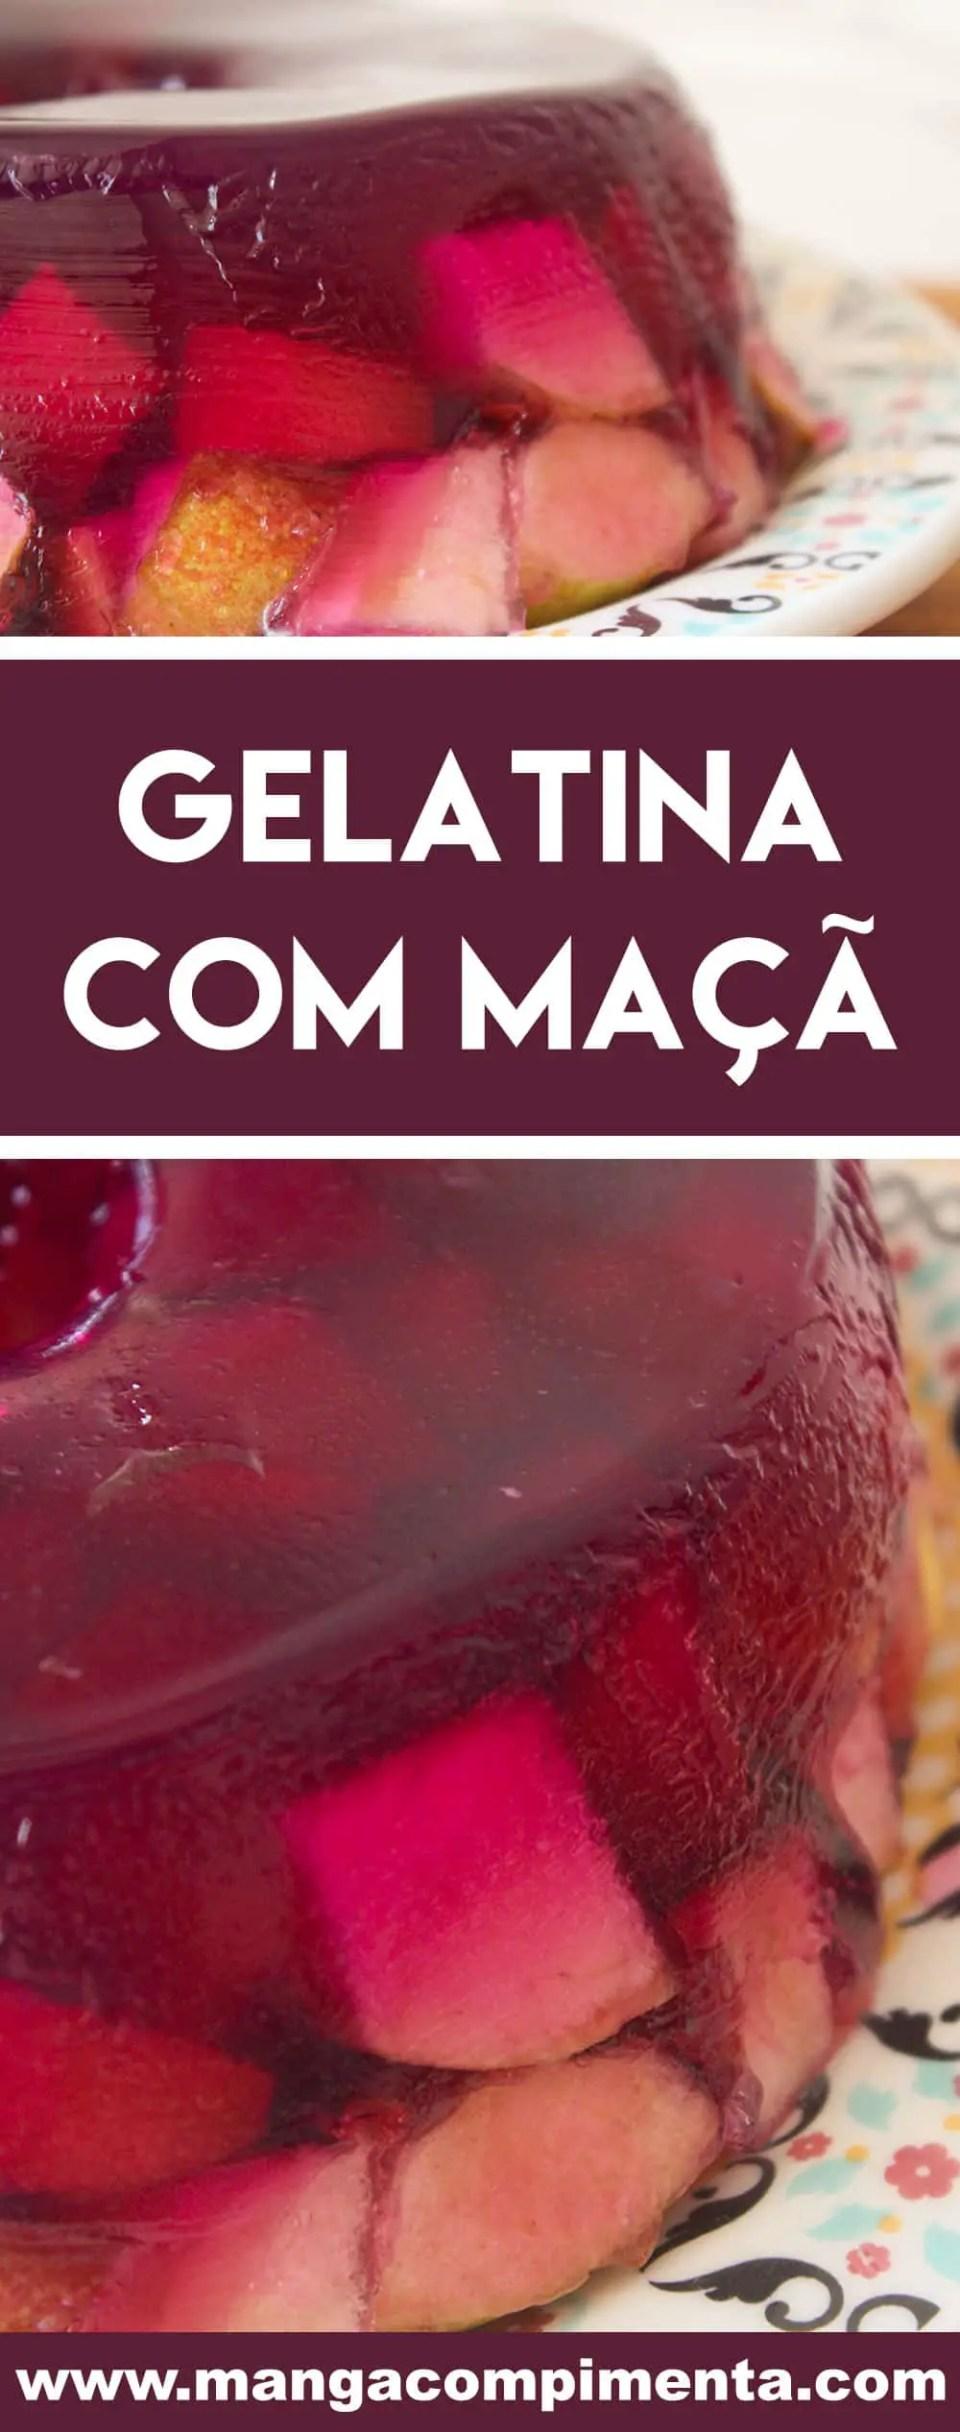 Receita de Gelatina com Maçã - prepare essa receita fácil para a sobremesa das Festas do Final de Ano.